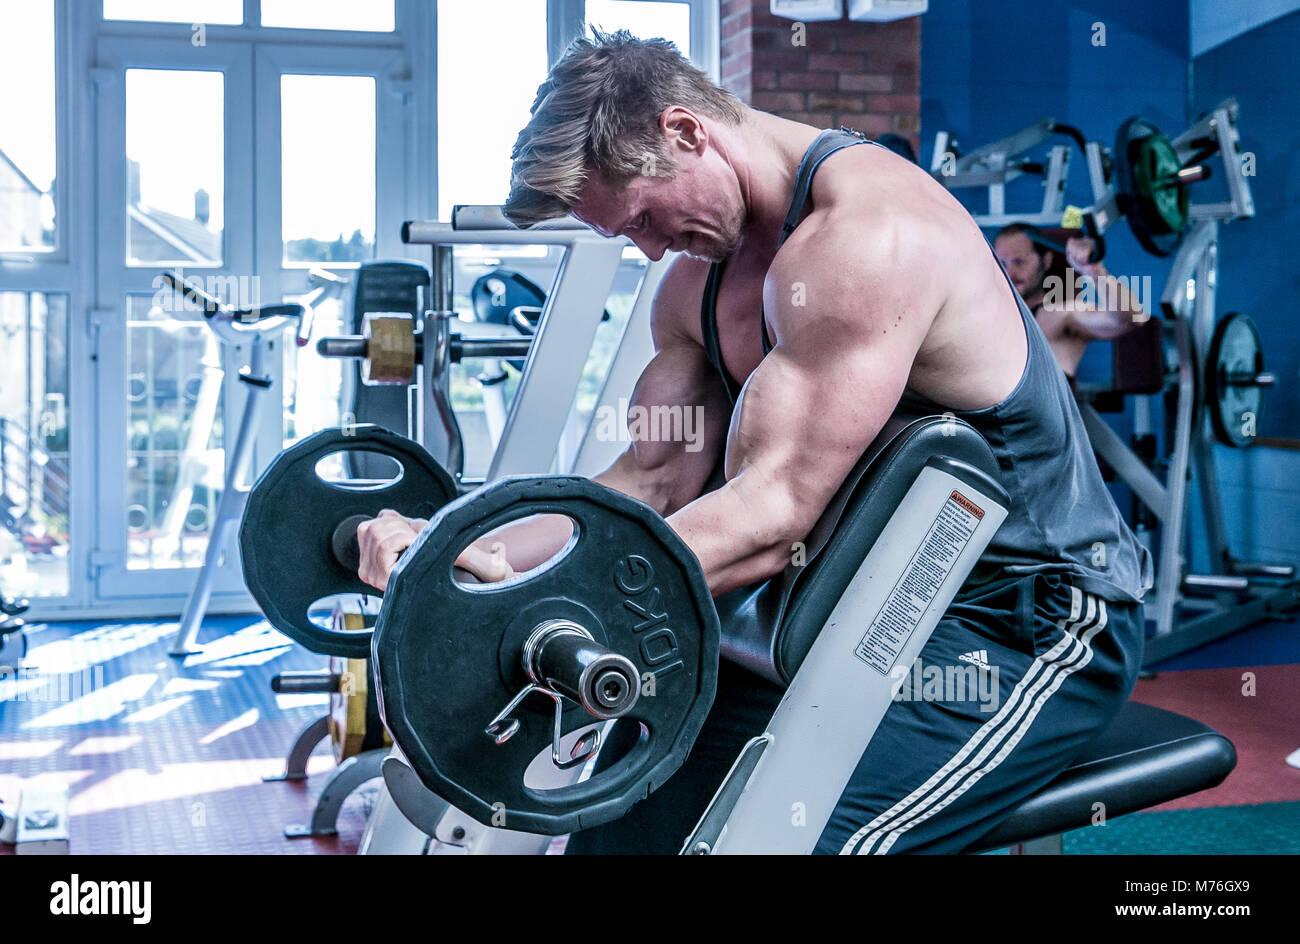 Muskulöse Mann, Arbeit mit Gewichten in der Turnhalle Stockbild